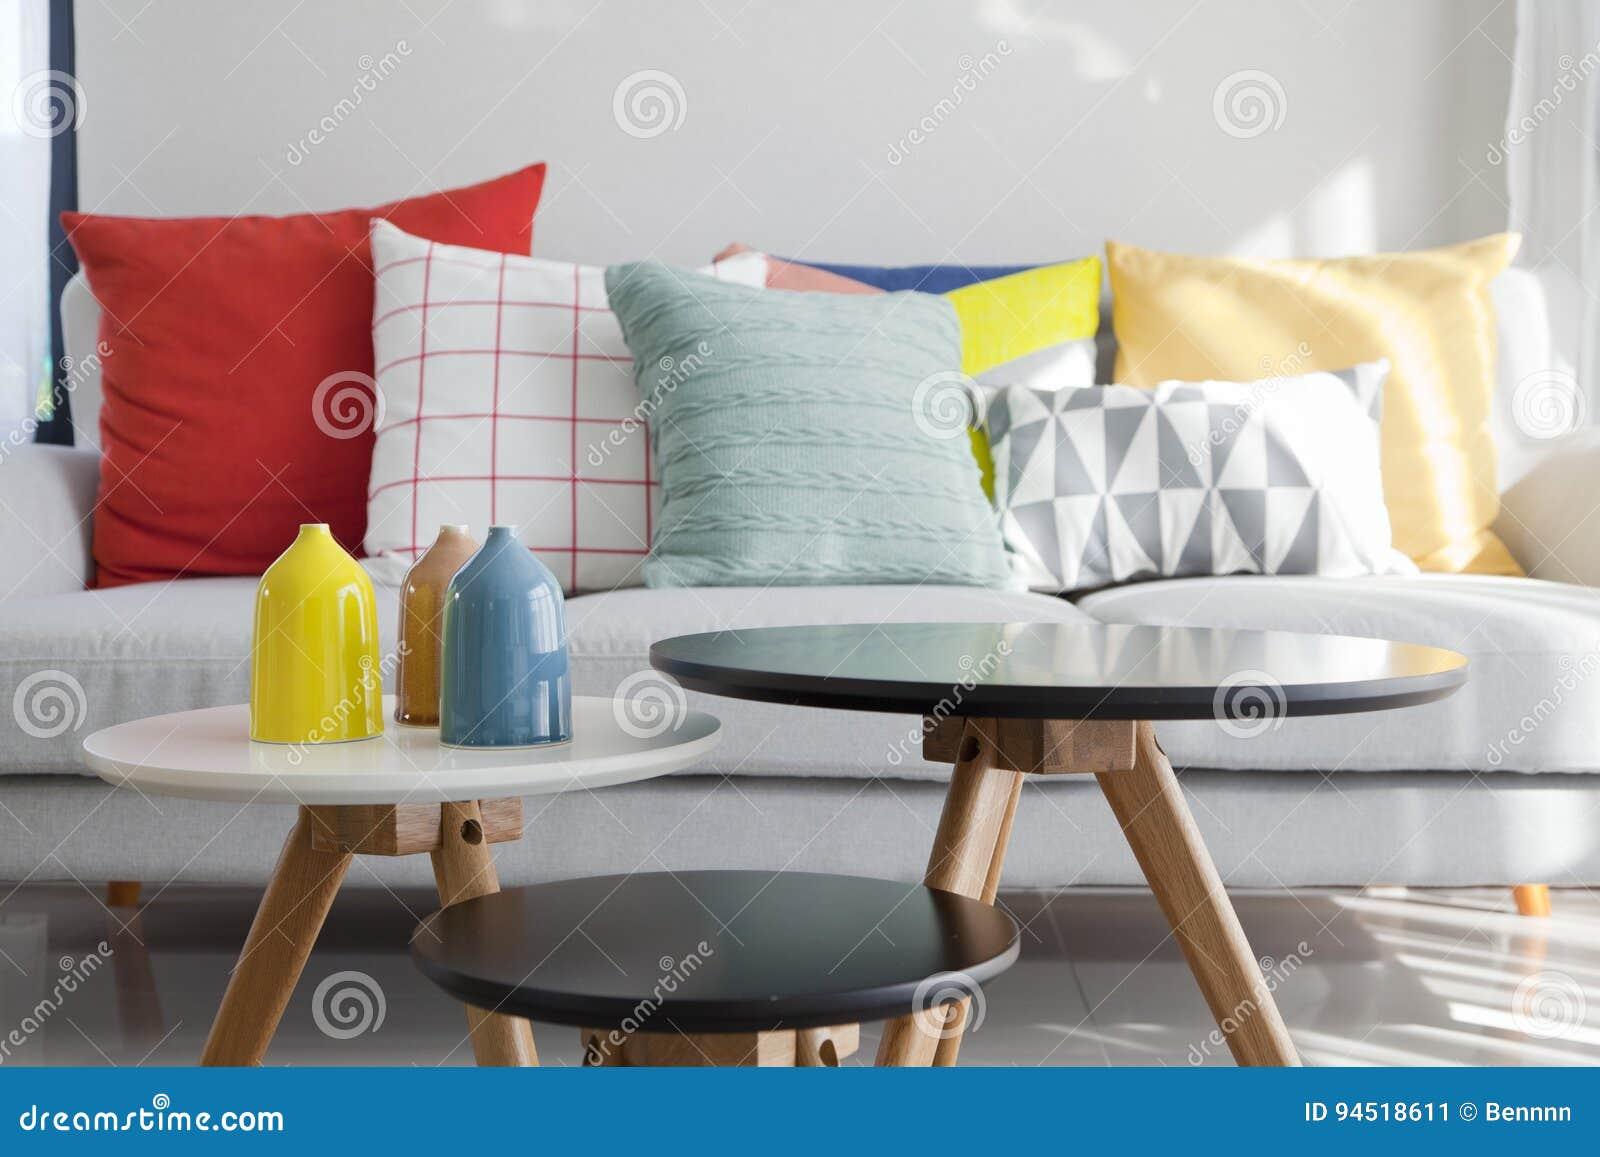 coussin sur le sofa dans le salon image stock - image du